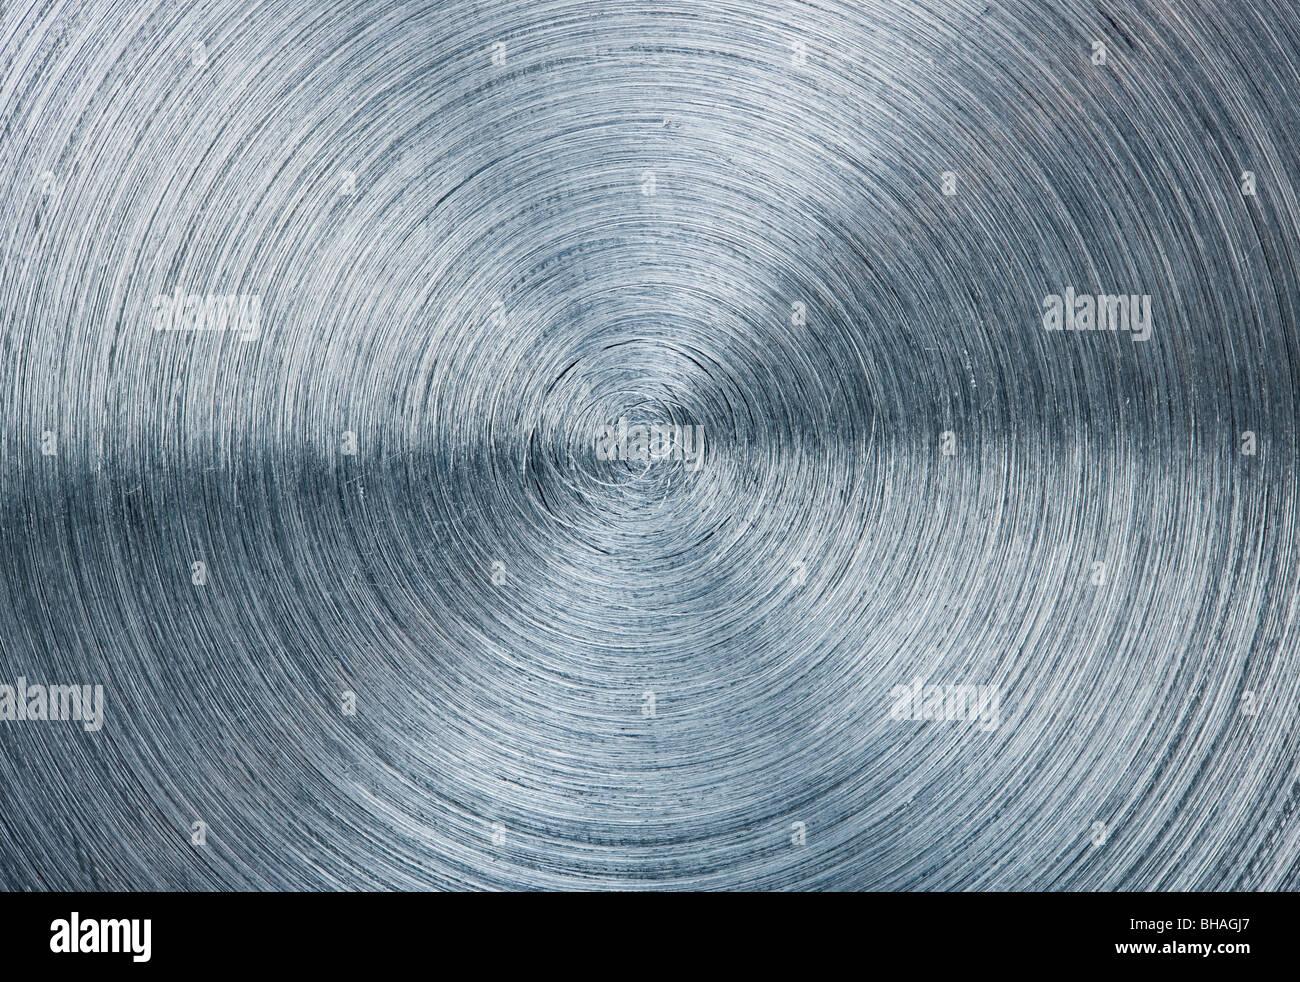 Makroaufnahme einer polierten Metalloberfläche Stockbild